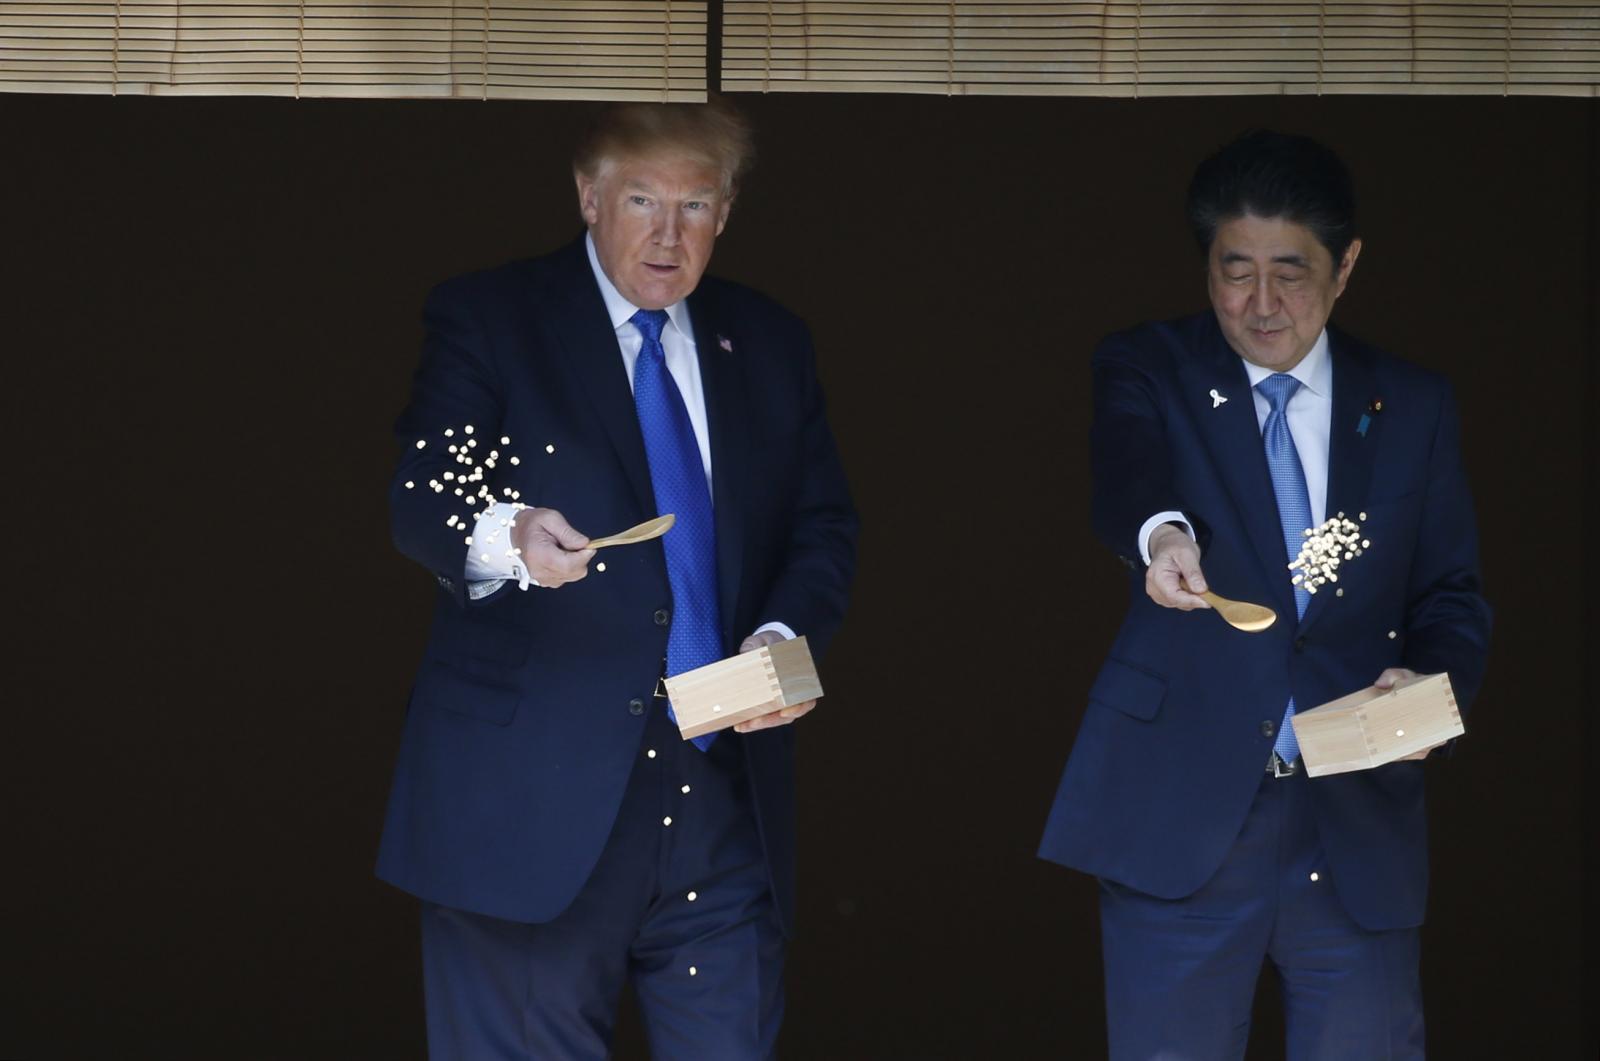 """ญี่ปุ่นจัดพิธีต้อนรับ """"ทรัมป์"""" อย่างเป็นทางการ"""